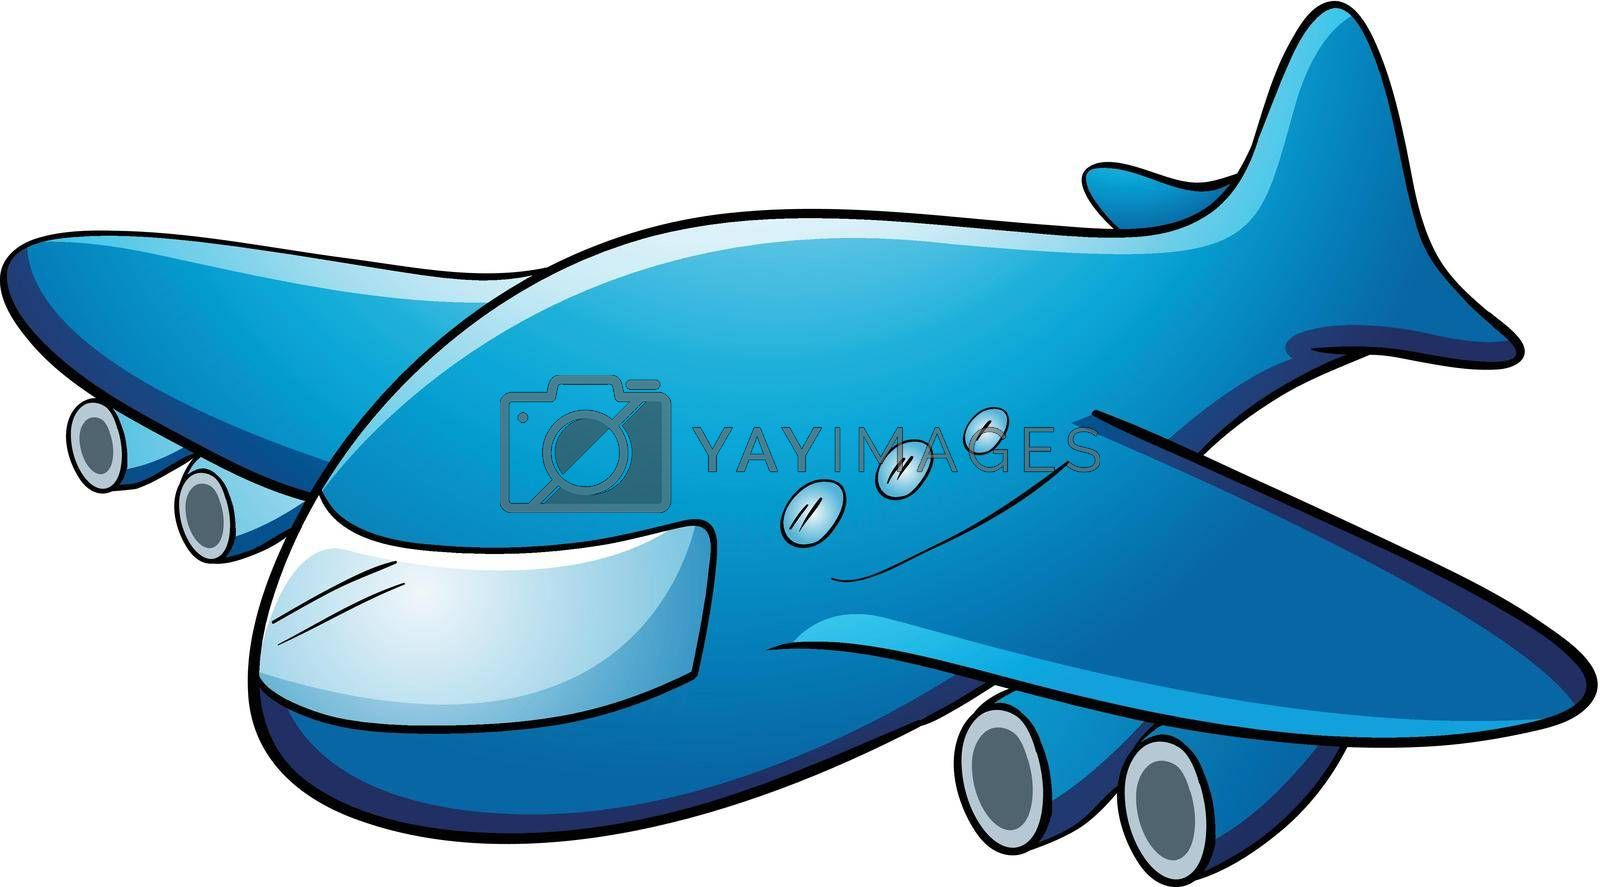 Illustration of a jumbo jet